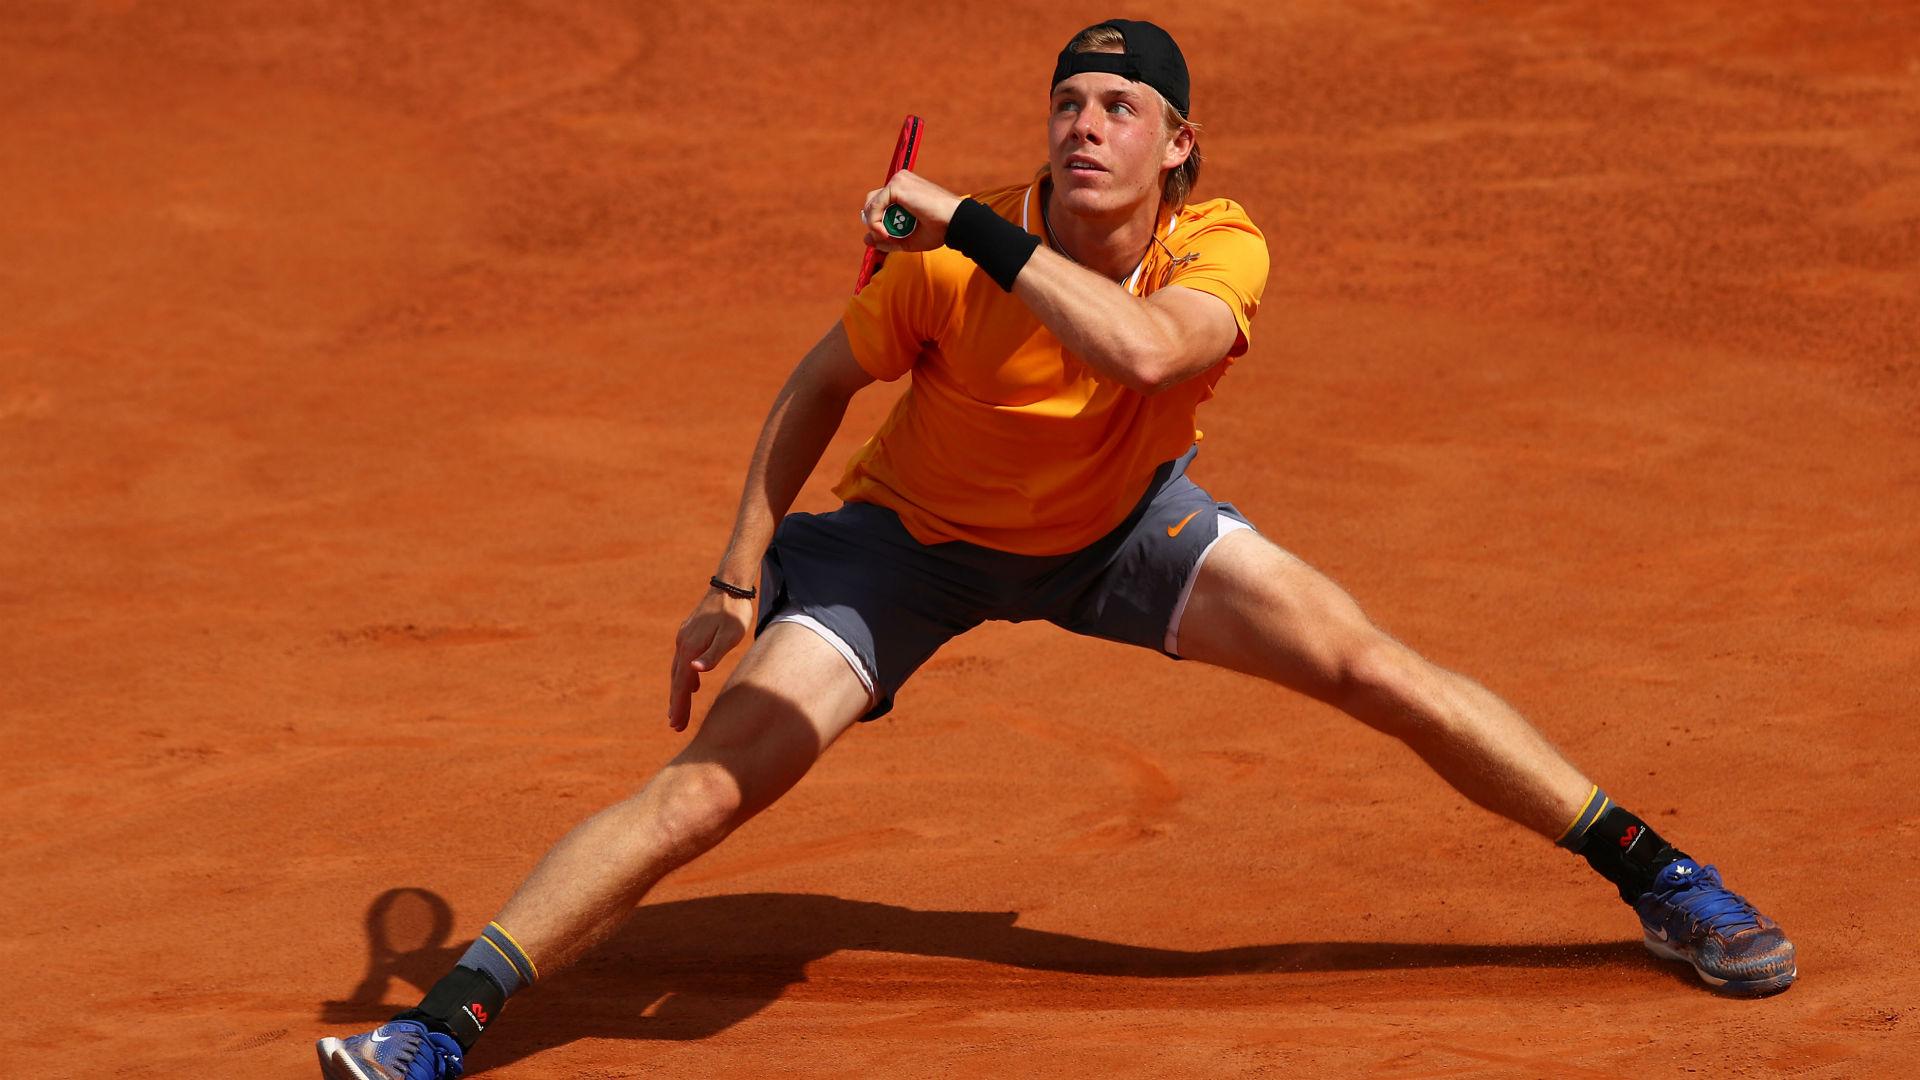 Shapovalov to face Djokovic in Rome, misery for Monfils